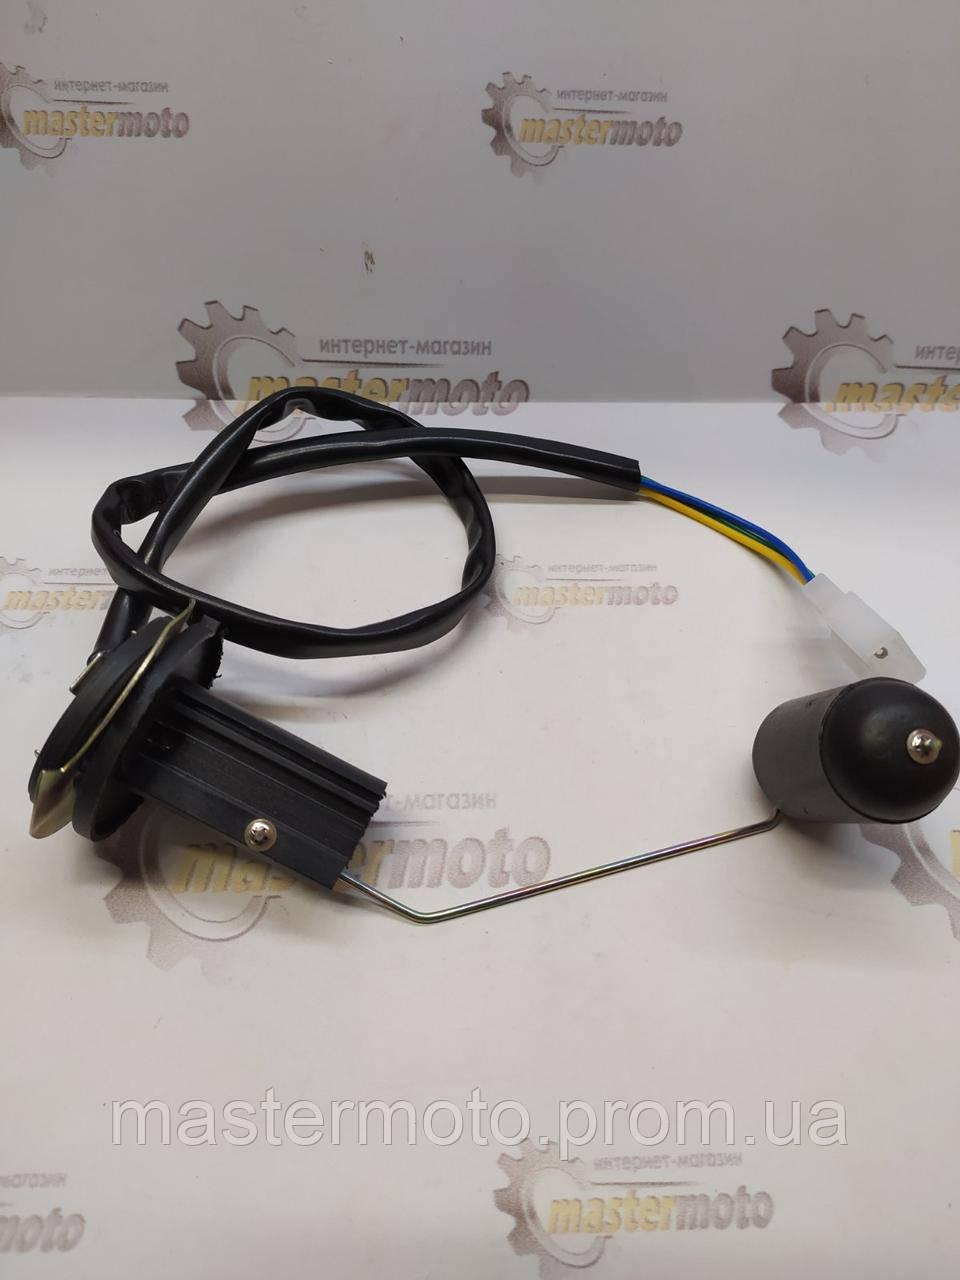 Датчик топливного бака для китайского скутера 4Т 50-100сс